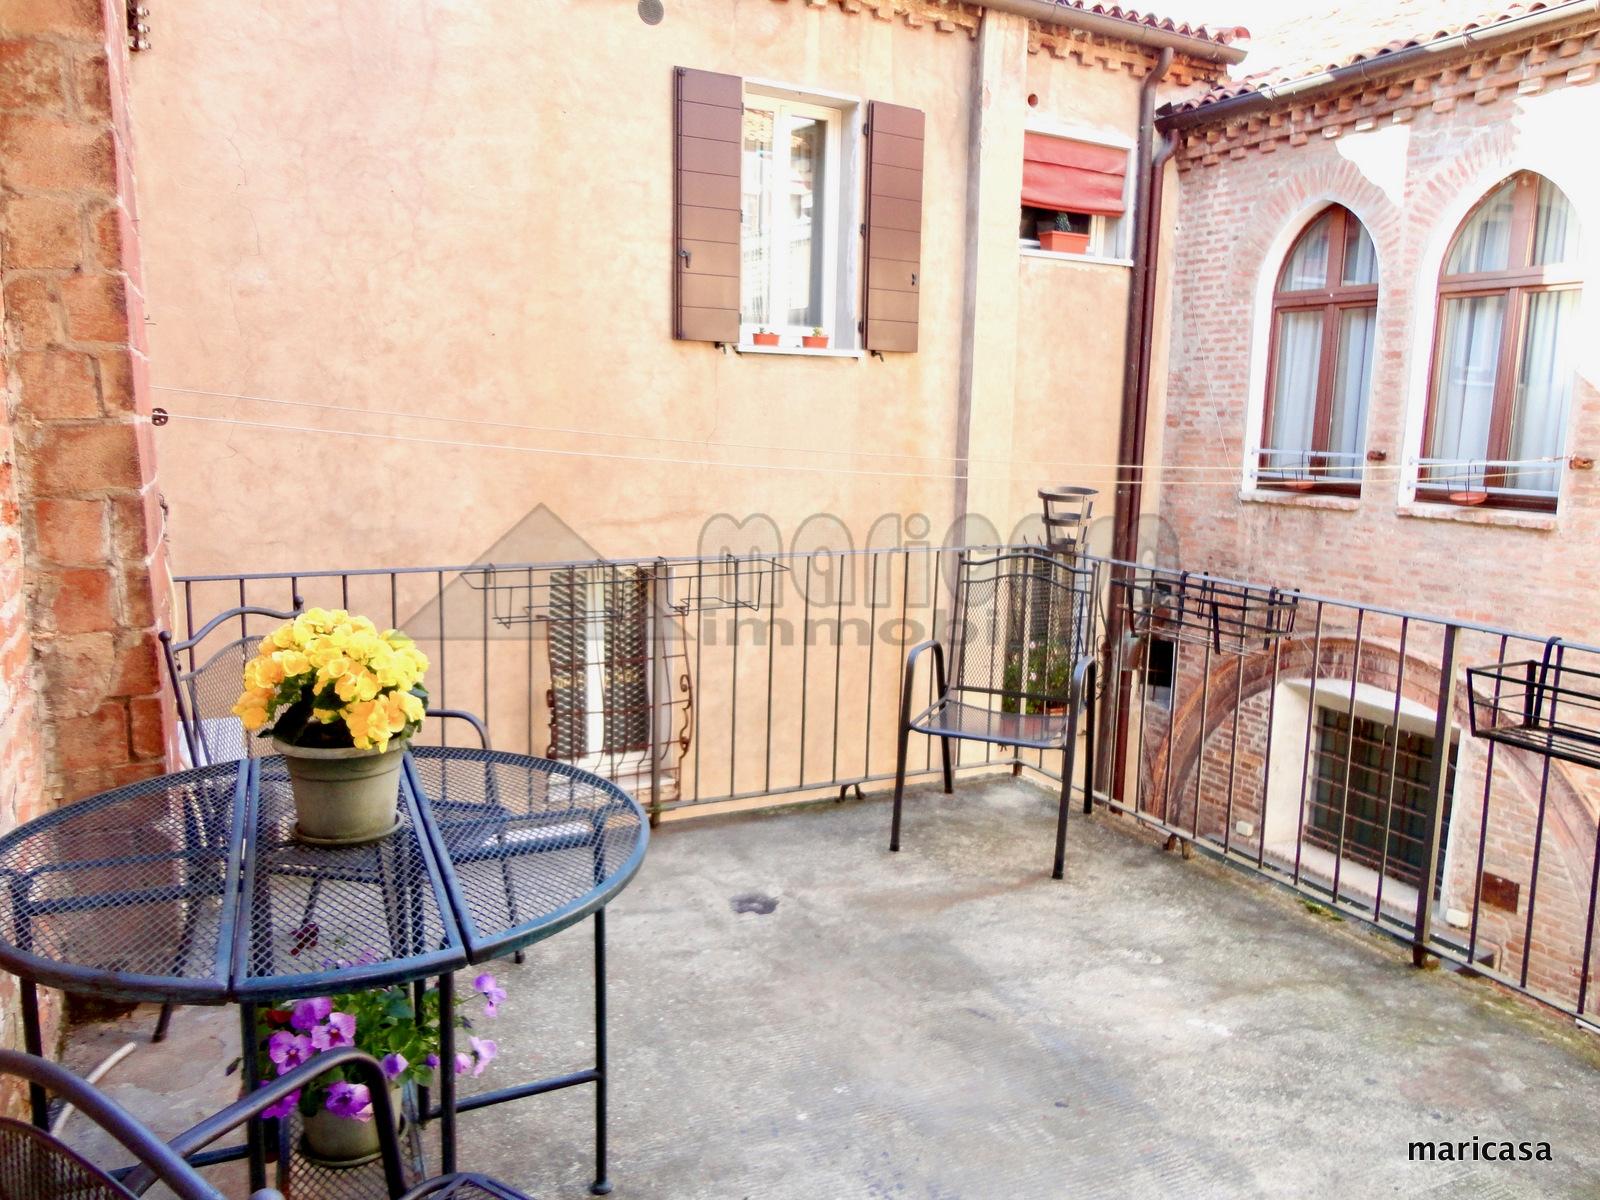 Appartamento in vendita a Ferrara, 6 locali, zona Località: Centrostorico, prezzo € 320.000 | CambioCasa.it